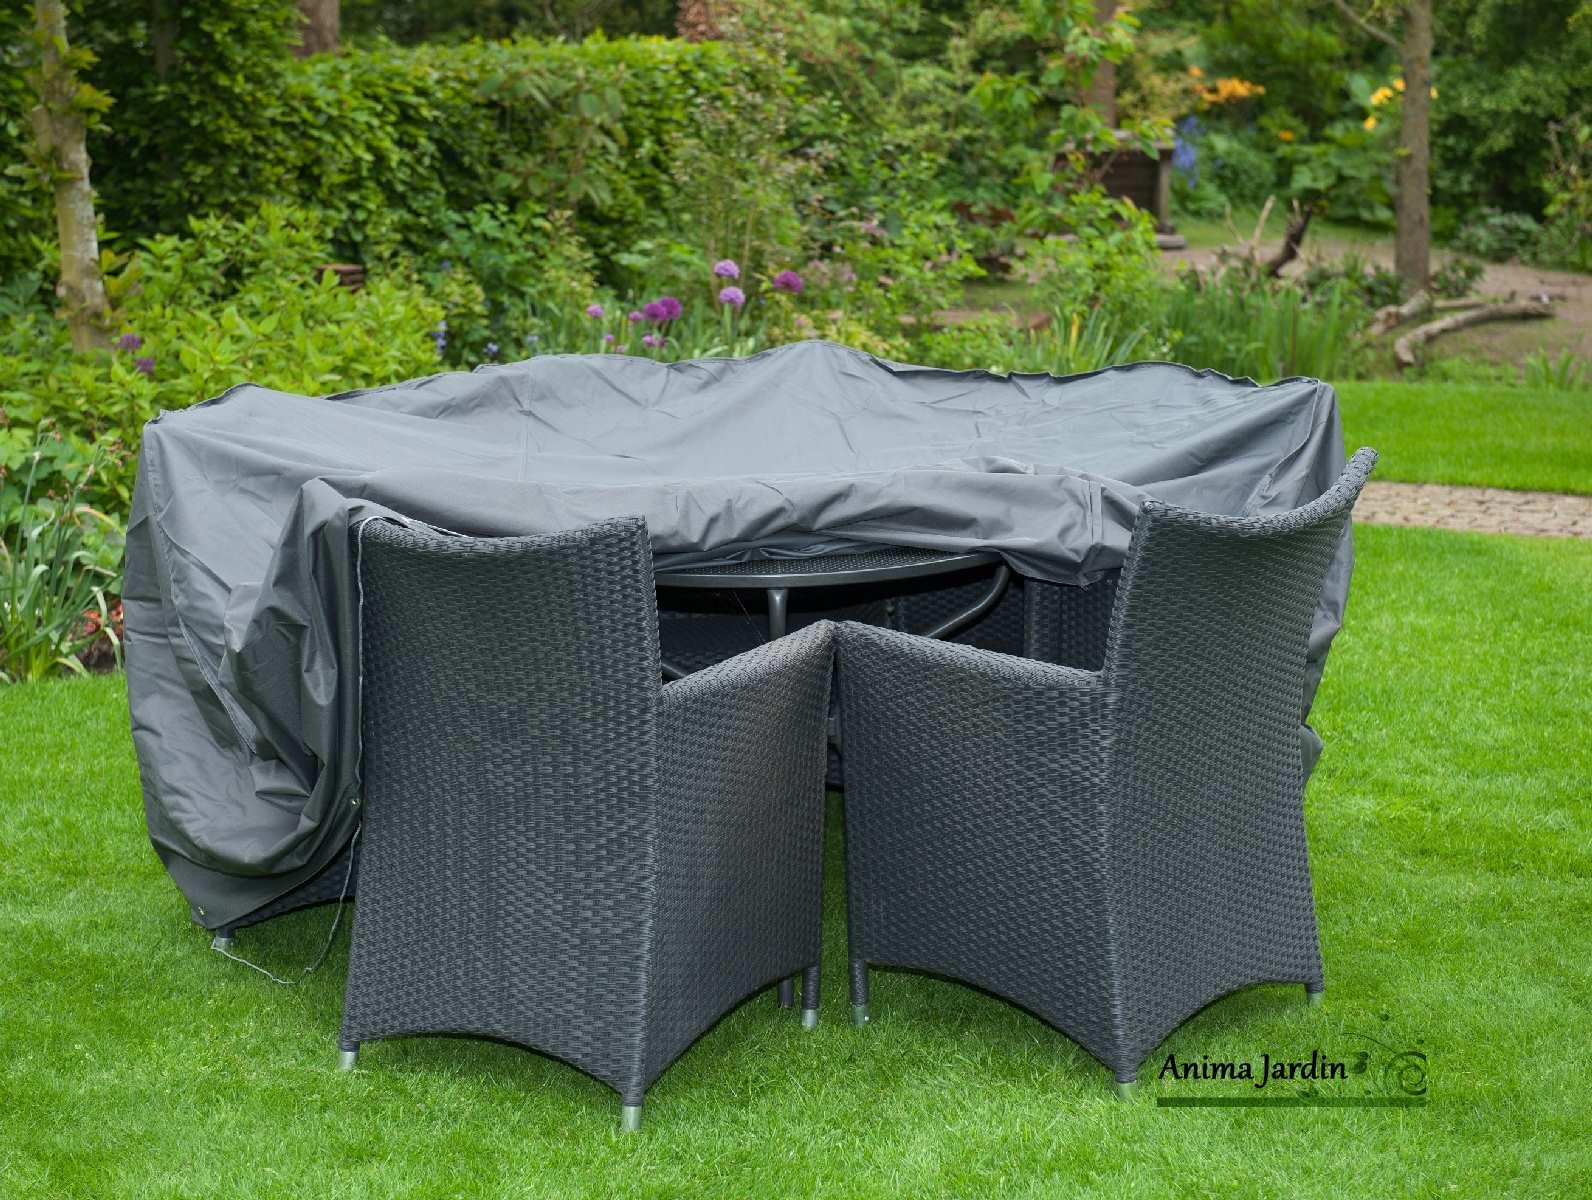 Housse De Protection Salon De Jardin, Table Ronde, Imperméable encequiconcerne Housse De Meuble De Jardin